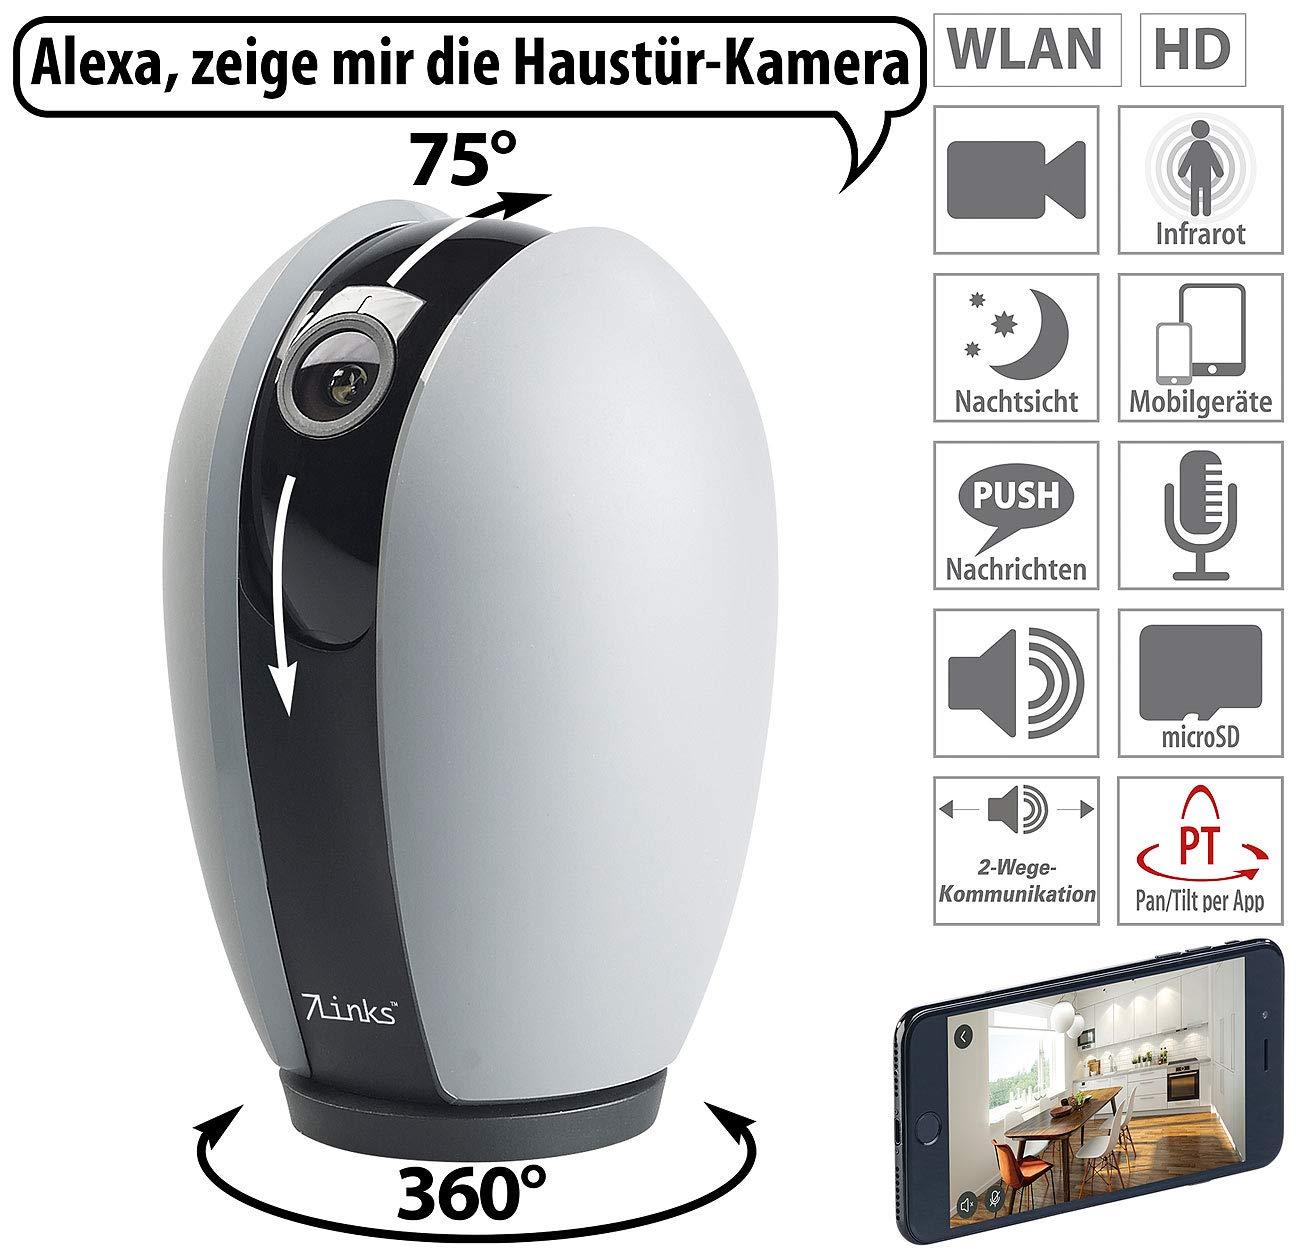 Wlan Kompatibel Seien Sie Im Design Neu Full Hd 7links Außenkamera: Outdoor-ip-Überwachungskamera